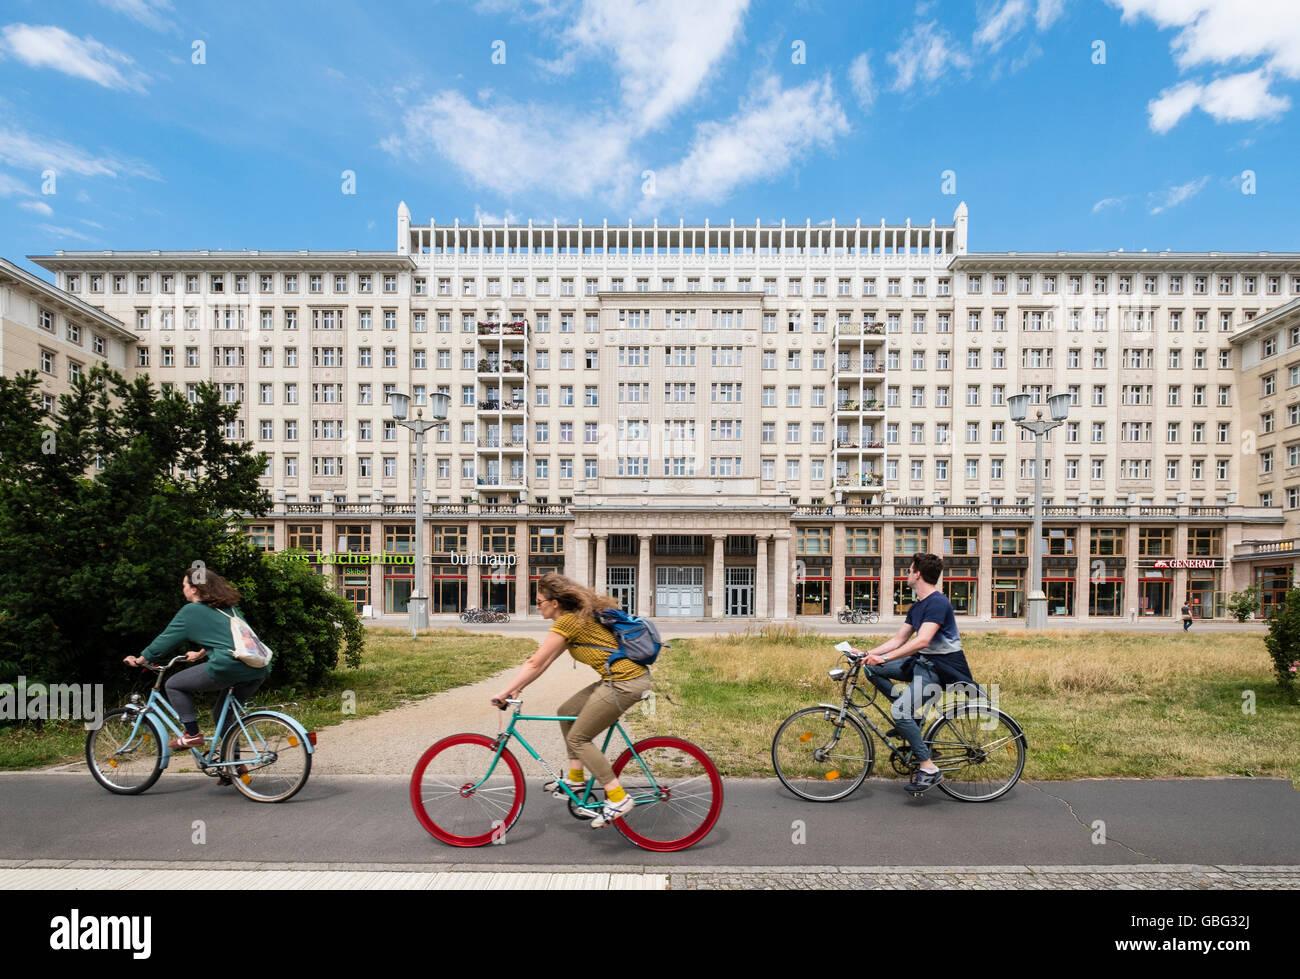 Los ciclistas ride socialistas históricos edificios de la antigua Alemania Oriental en Karl Marx Allee de Berlín Imagen De Stock